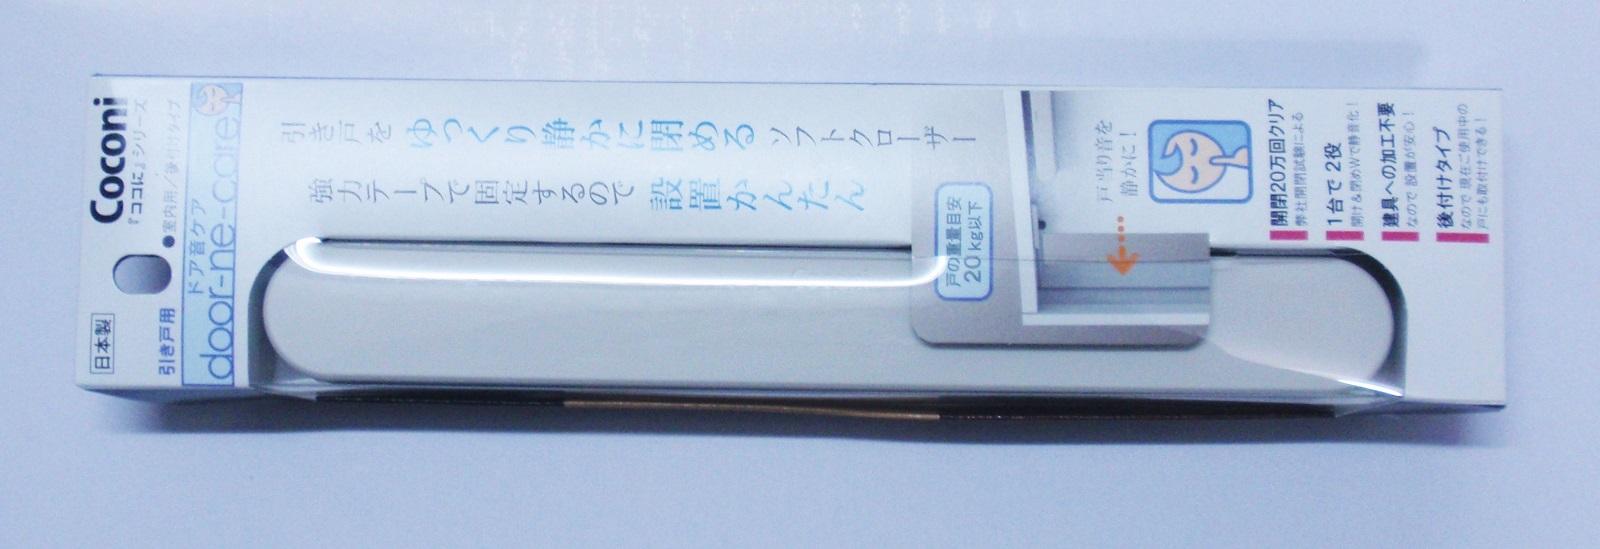 室内ドア用 ソフトクローザー 株式会社 サヌキ Coconi SC 室内用 ケア 100 引き戸用 ドア音 予約 訳あり商品